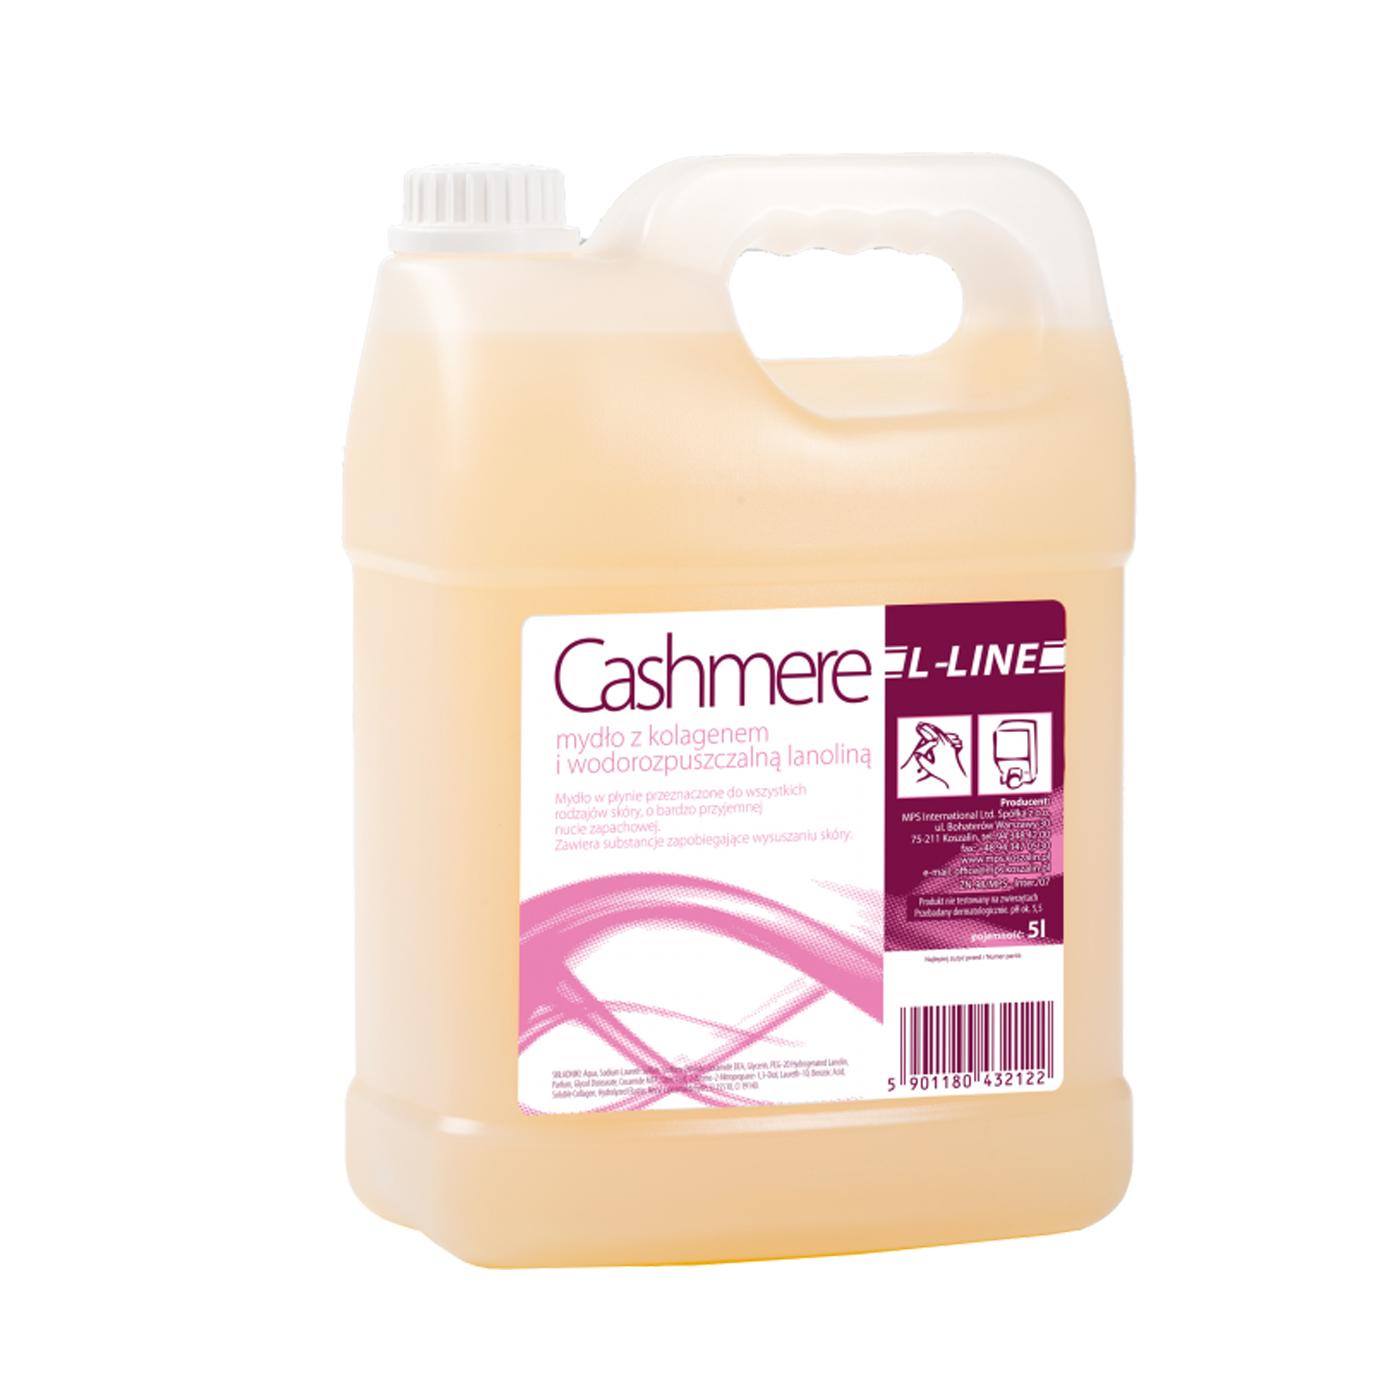 Mydło w płynie L-Line Cashmere MPS